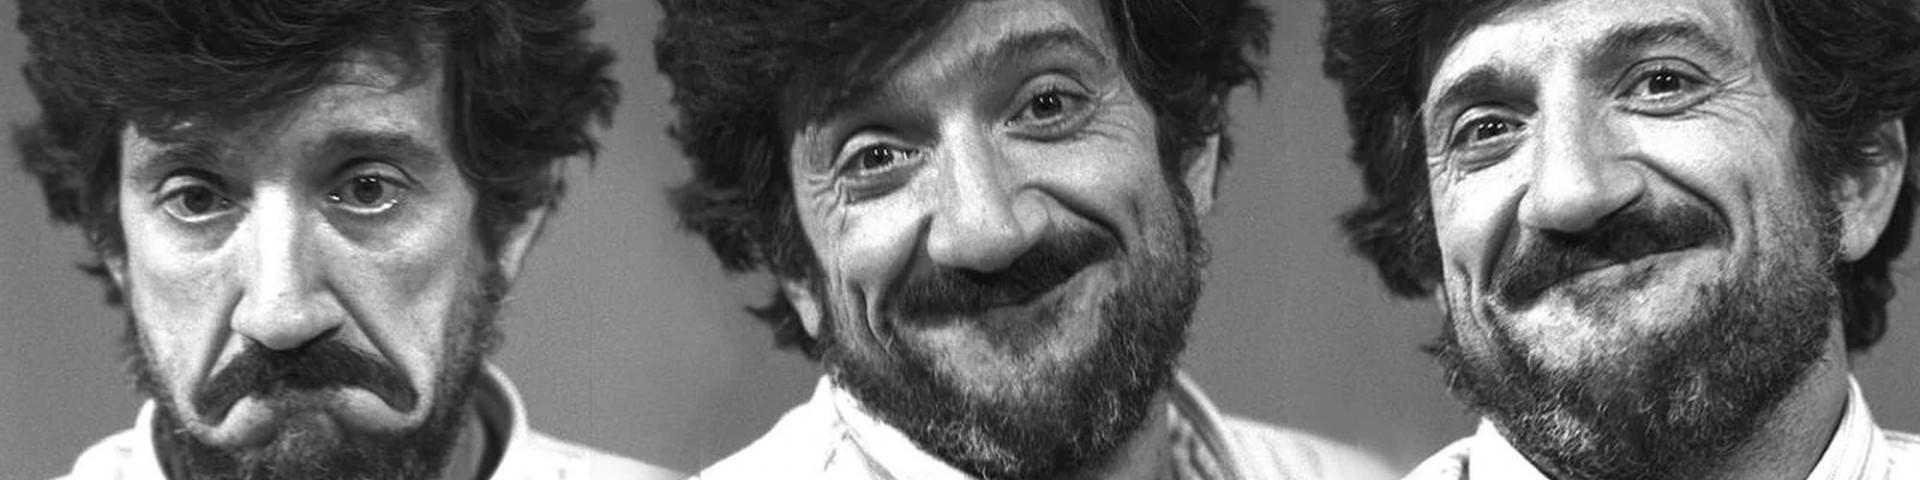 Gigi Proietti: le 5 barzellette che non dimenticheremo (Video)